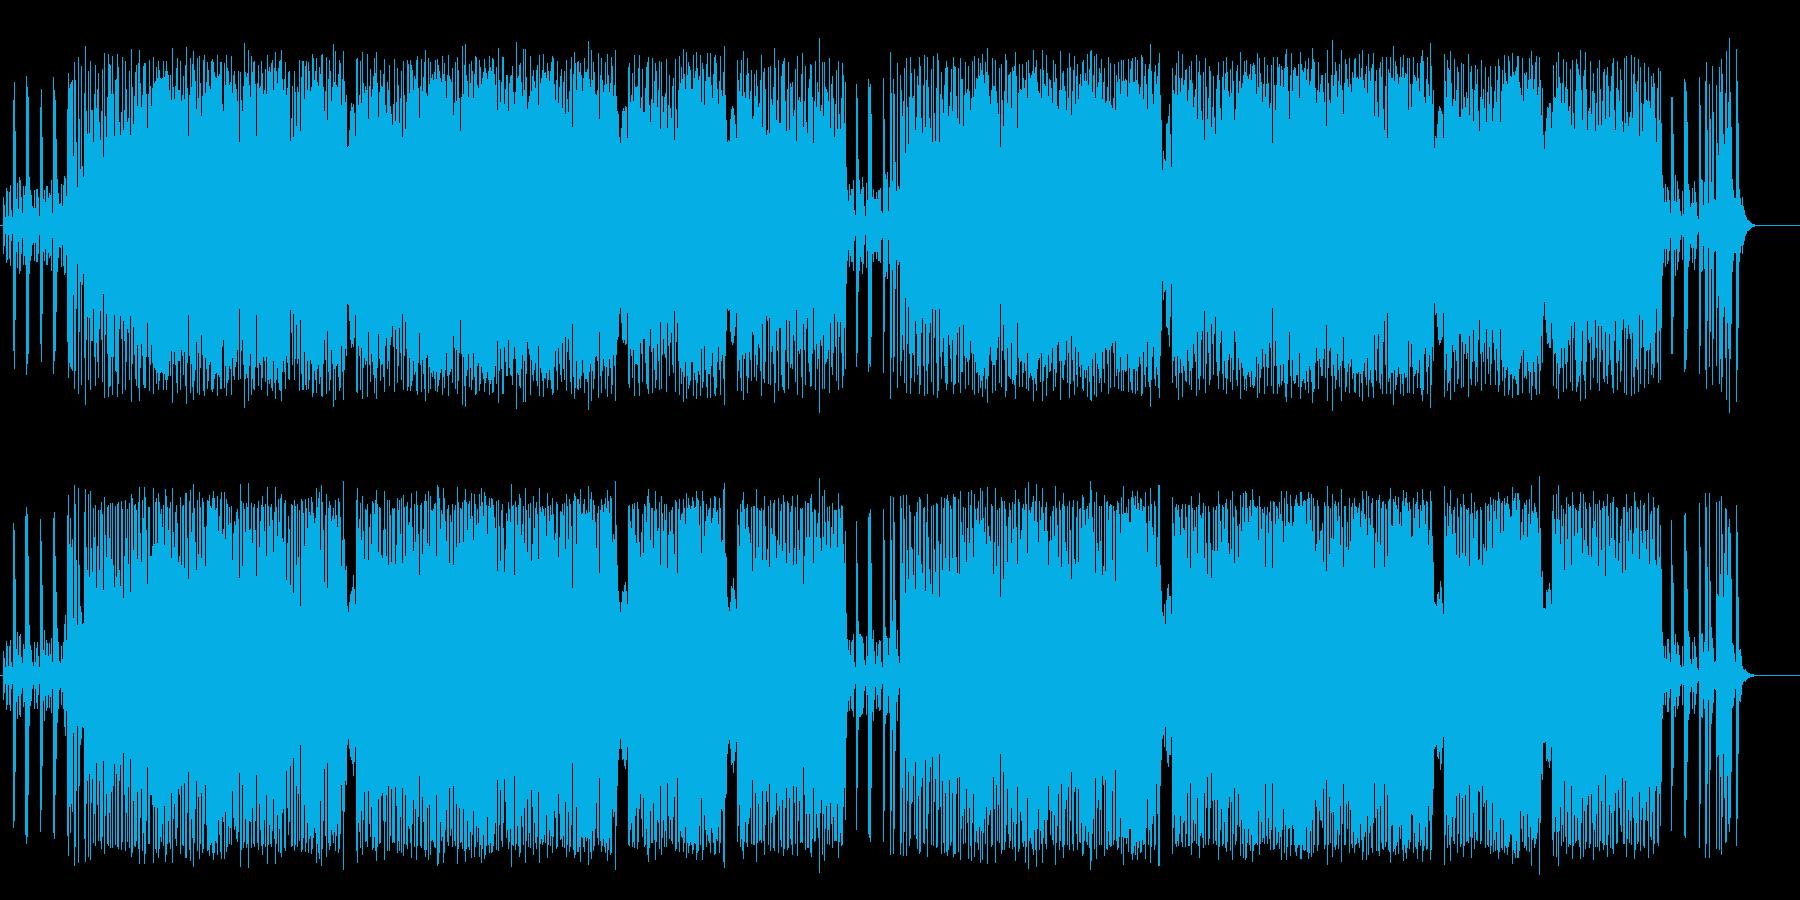 のんびりした童謡風ポップ(フルサイズ)の再生済みの波形